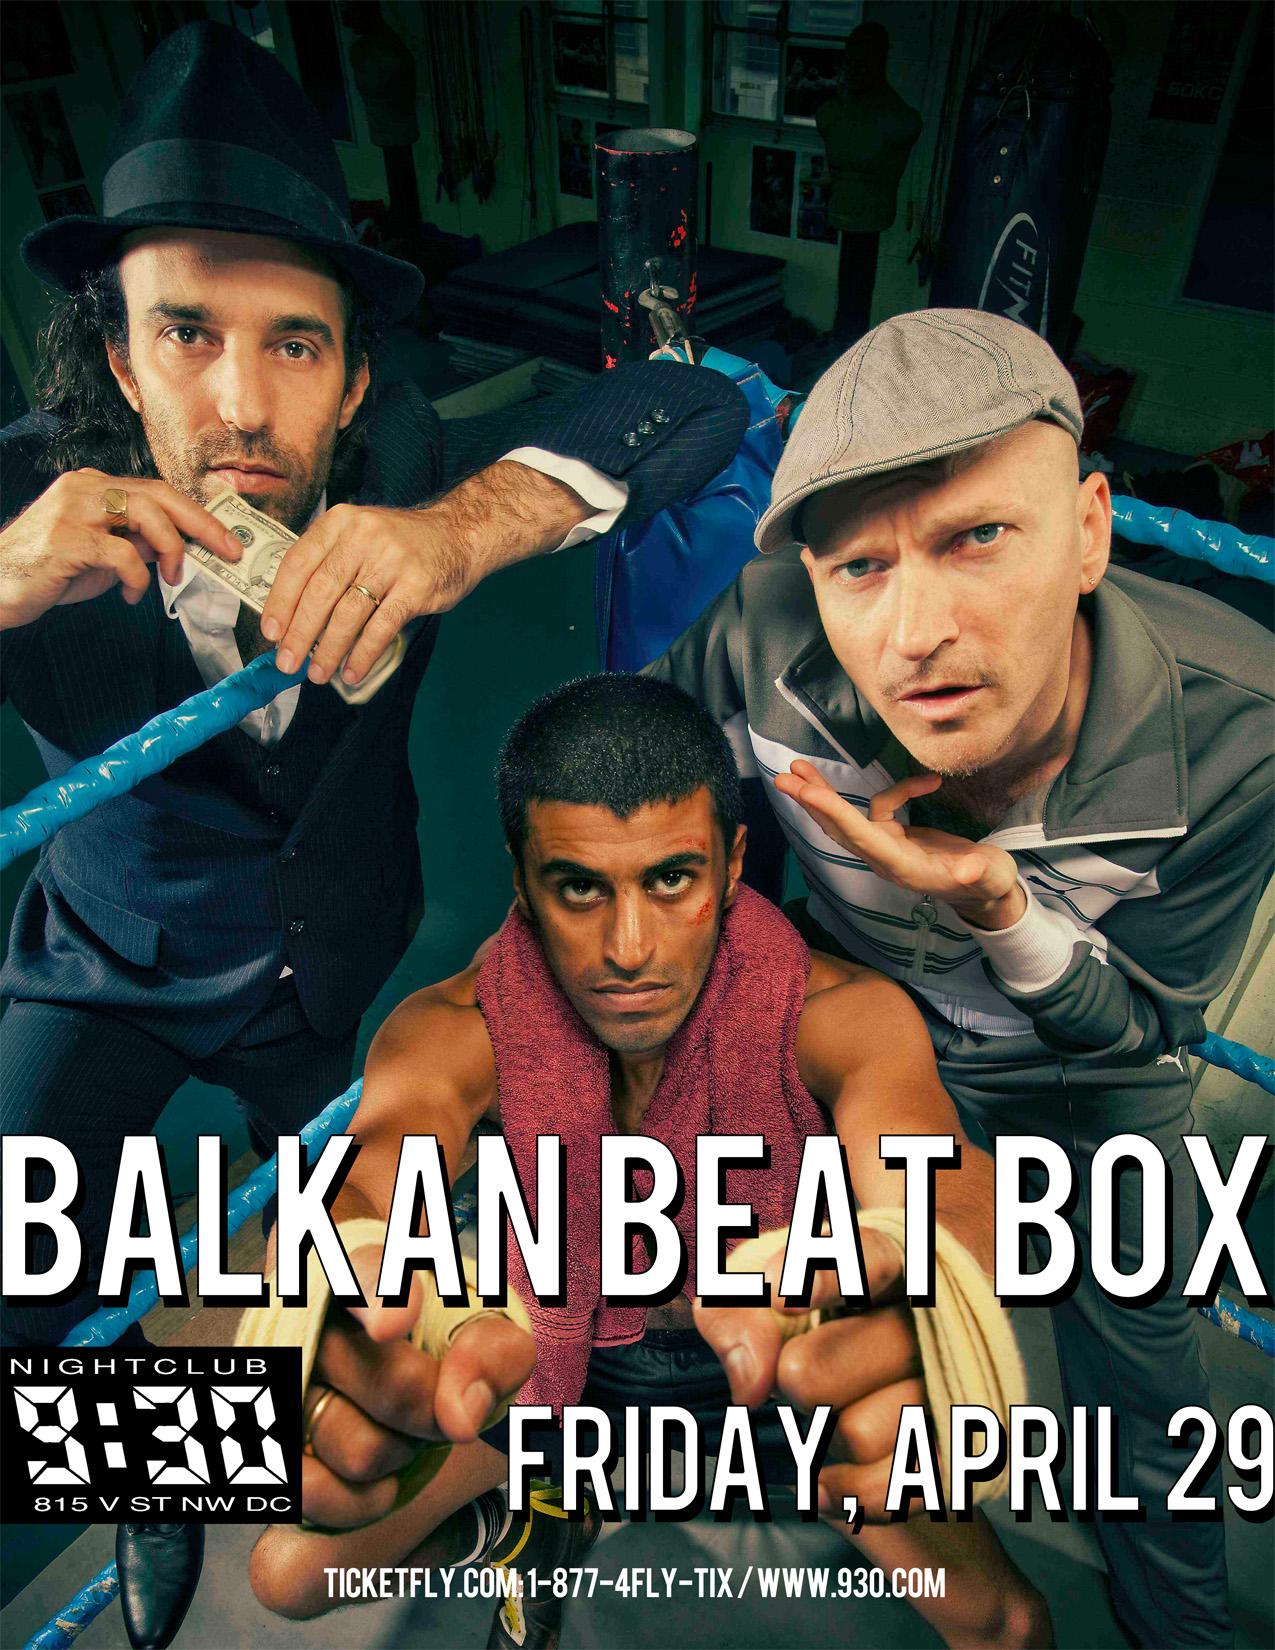 BalkanBeatBoxF